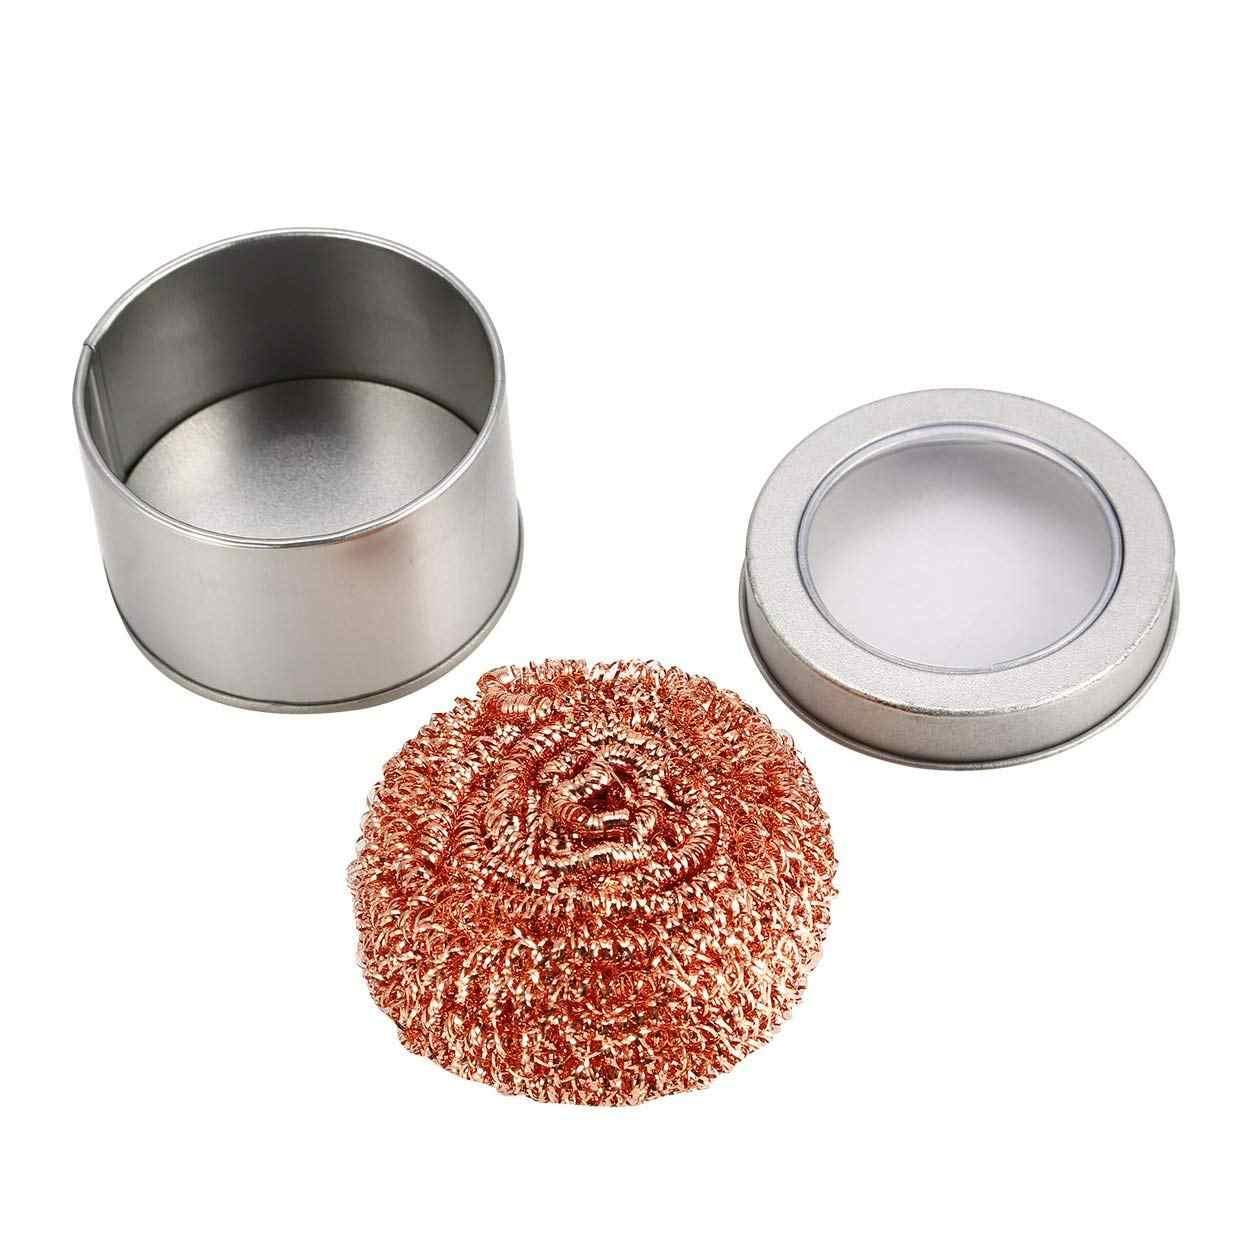 クリーニングボールはんだはんだごてメッシュフィルター洗浄ノズル先端銅線クリーナーボール金属ドロスボックスクリーンボール